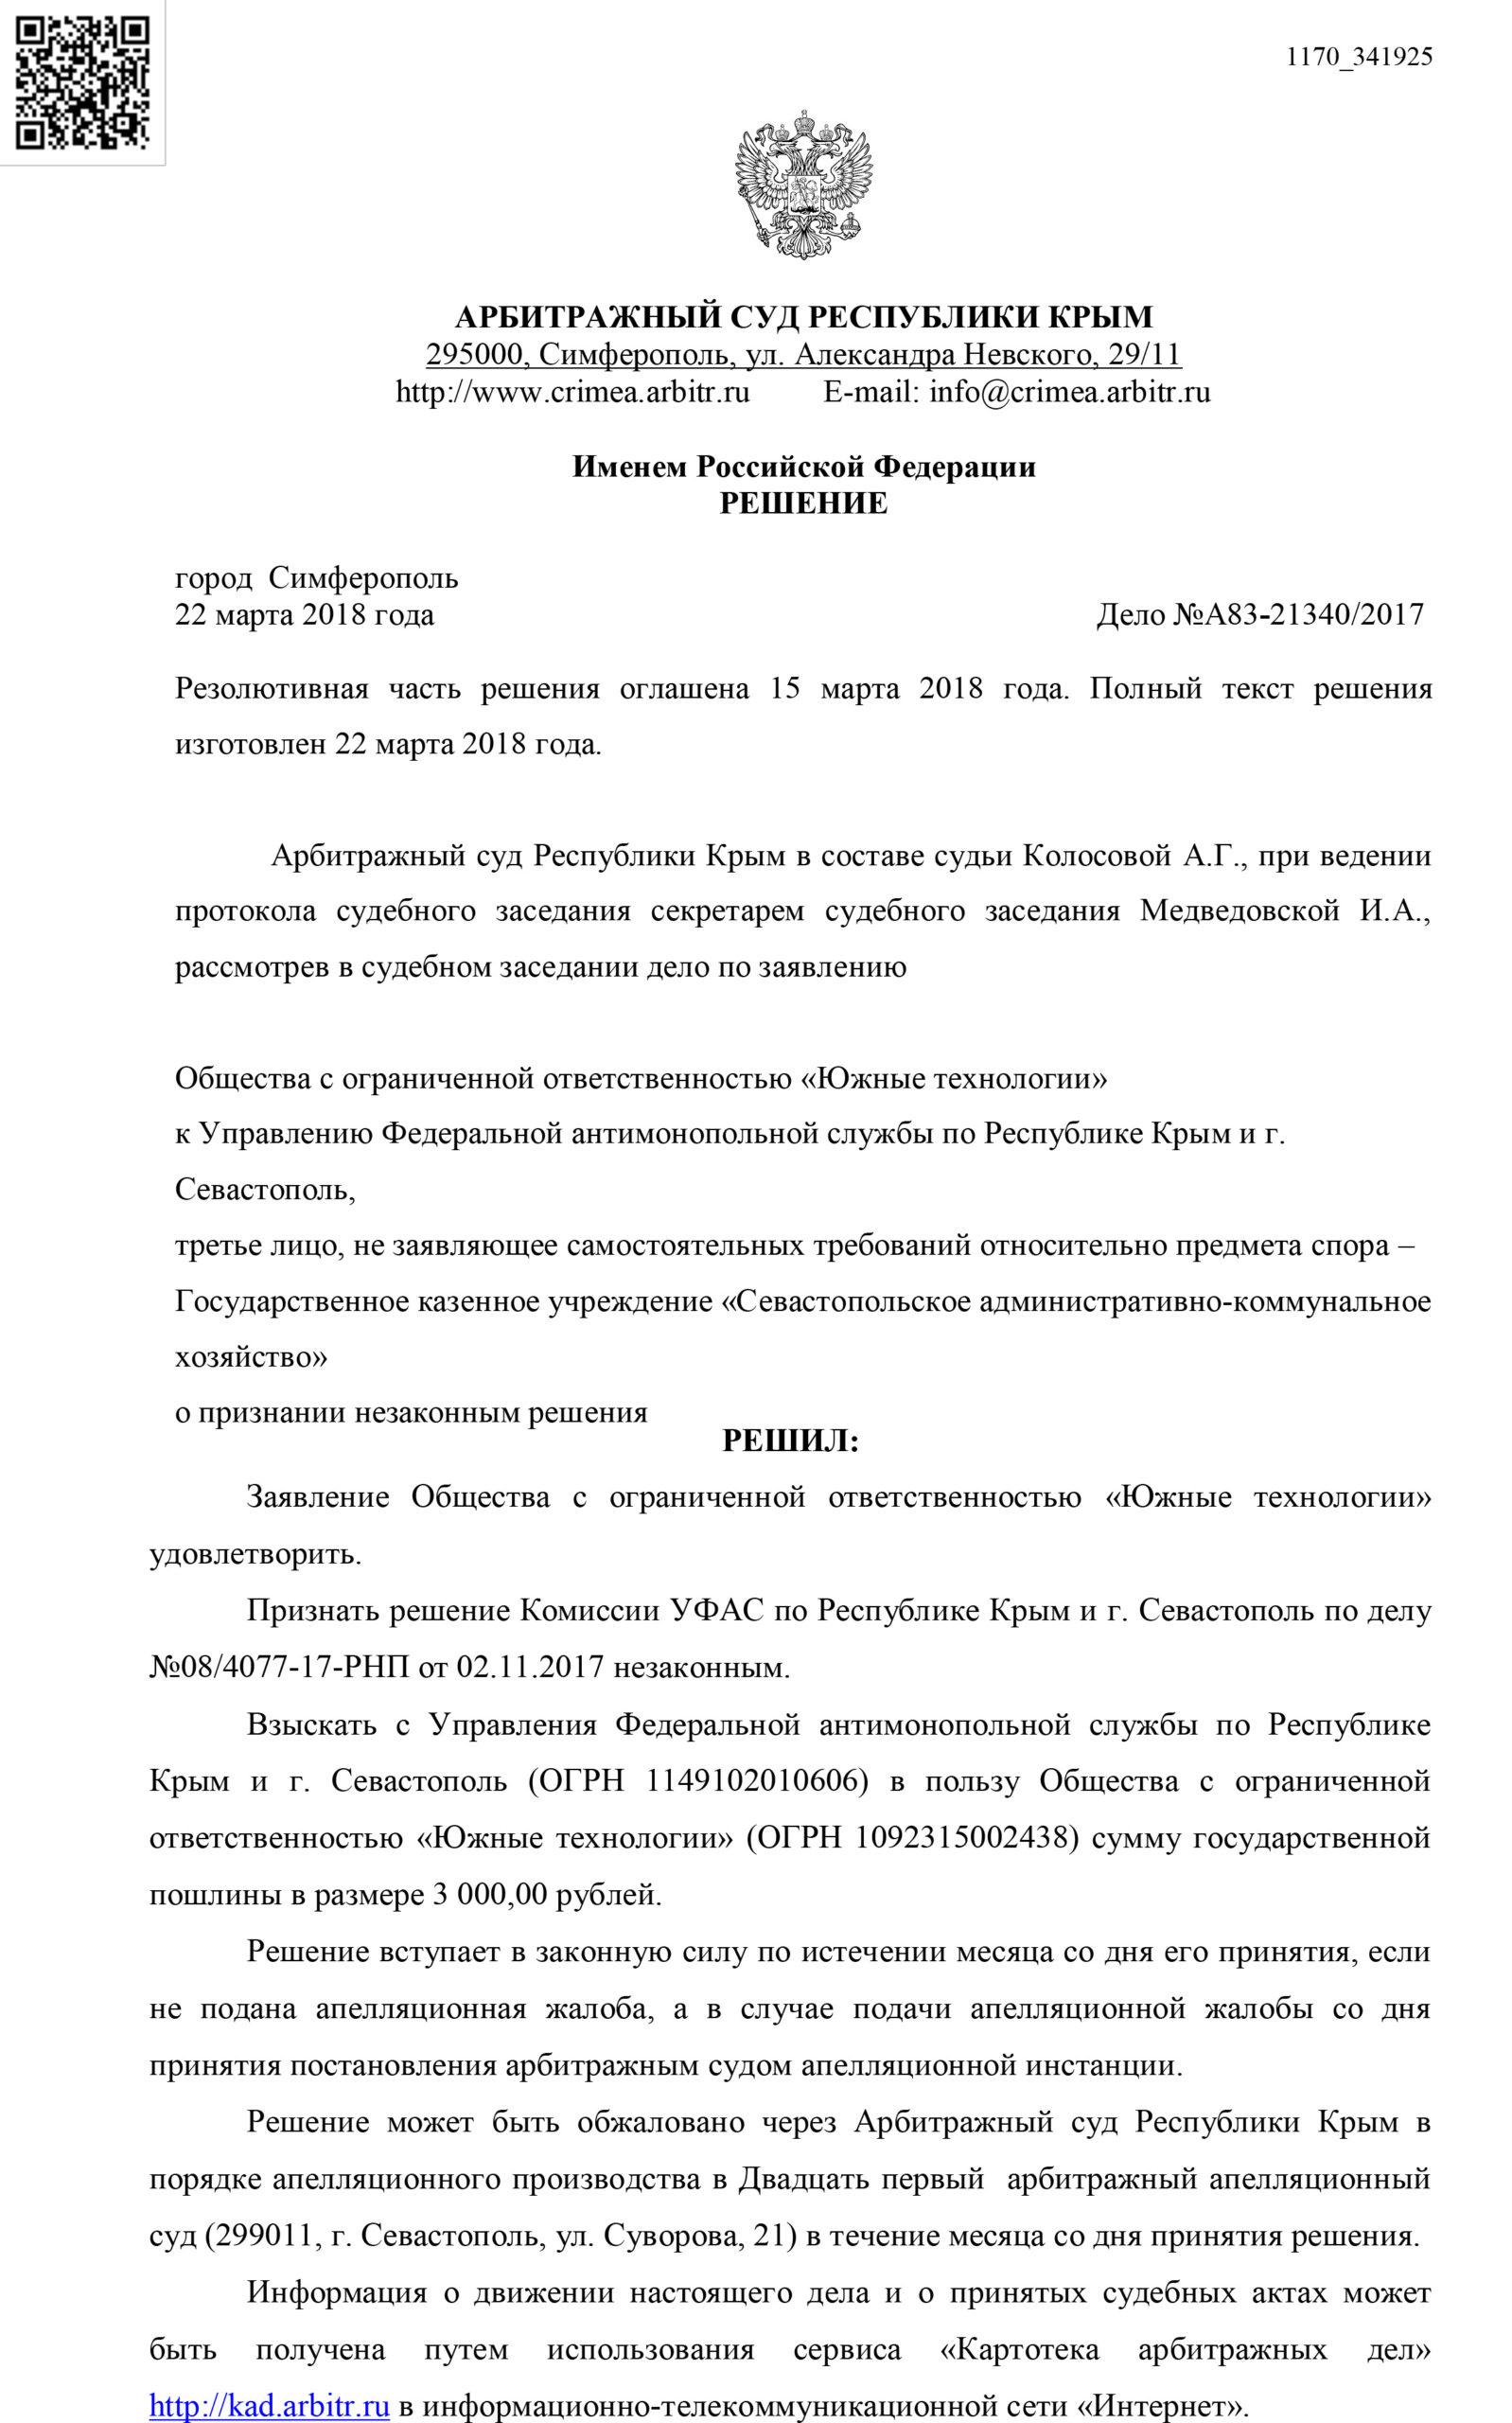 Решение Арбитражного суда Республики Крым по обжалованию решения УФАС Республики Крым-1